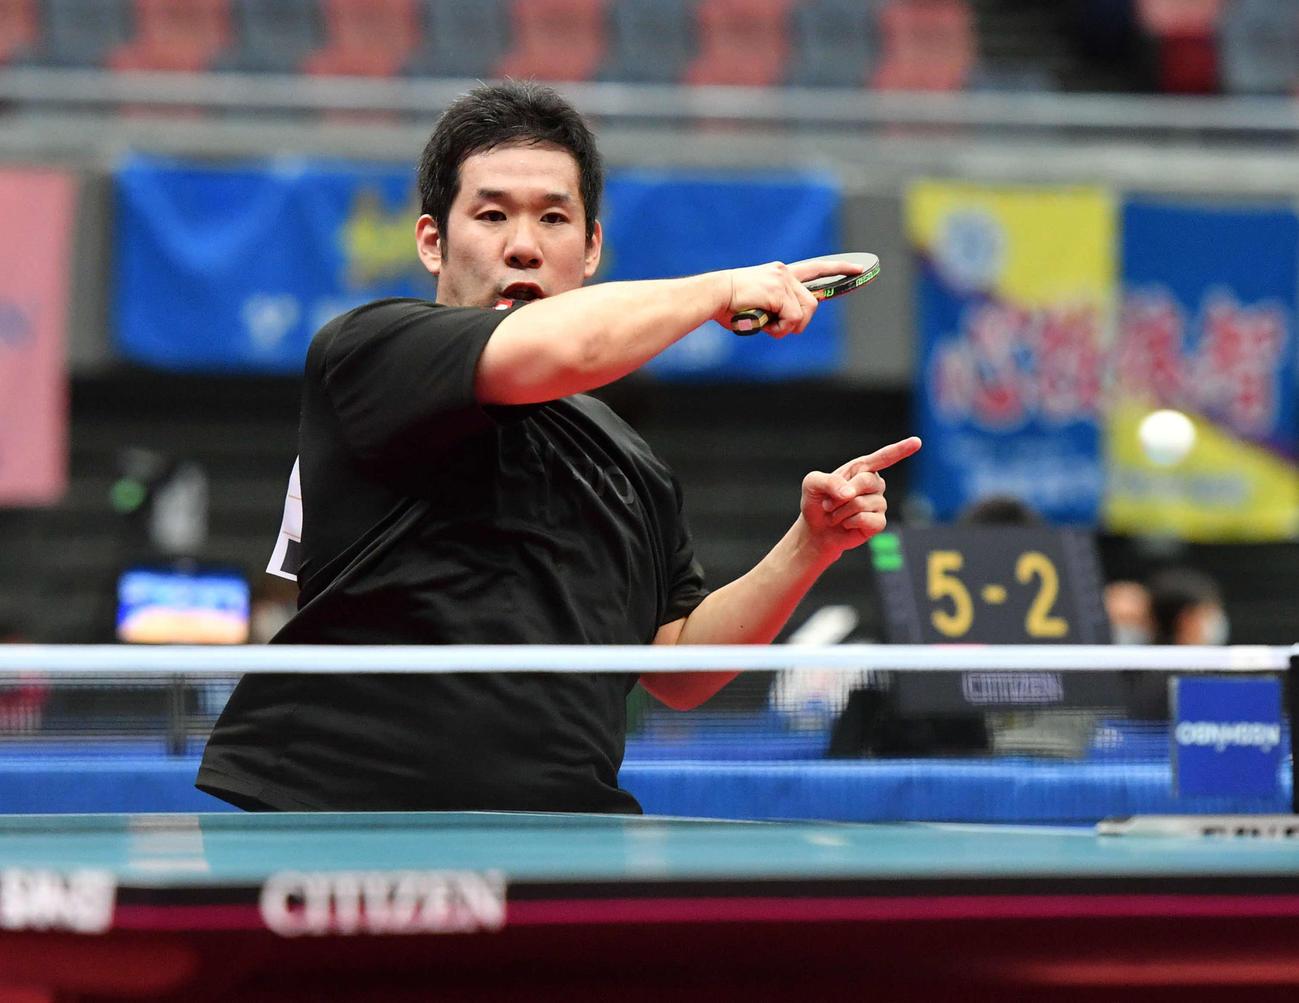 全日本卓球選手権男子シングルス2回戦 ラリーを返す岩城禎(撮影・岩下翔太)